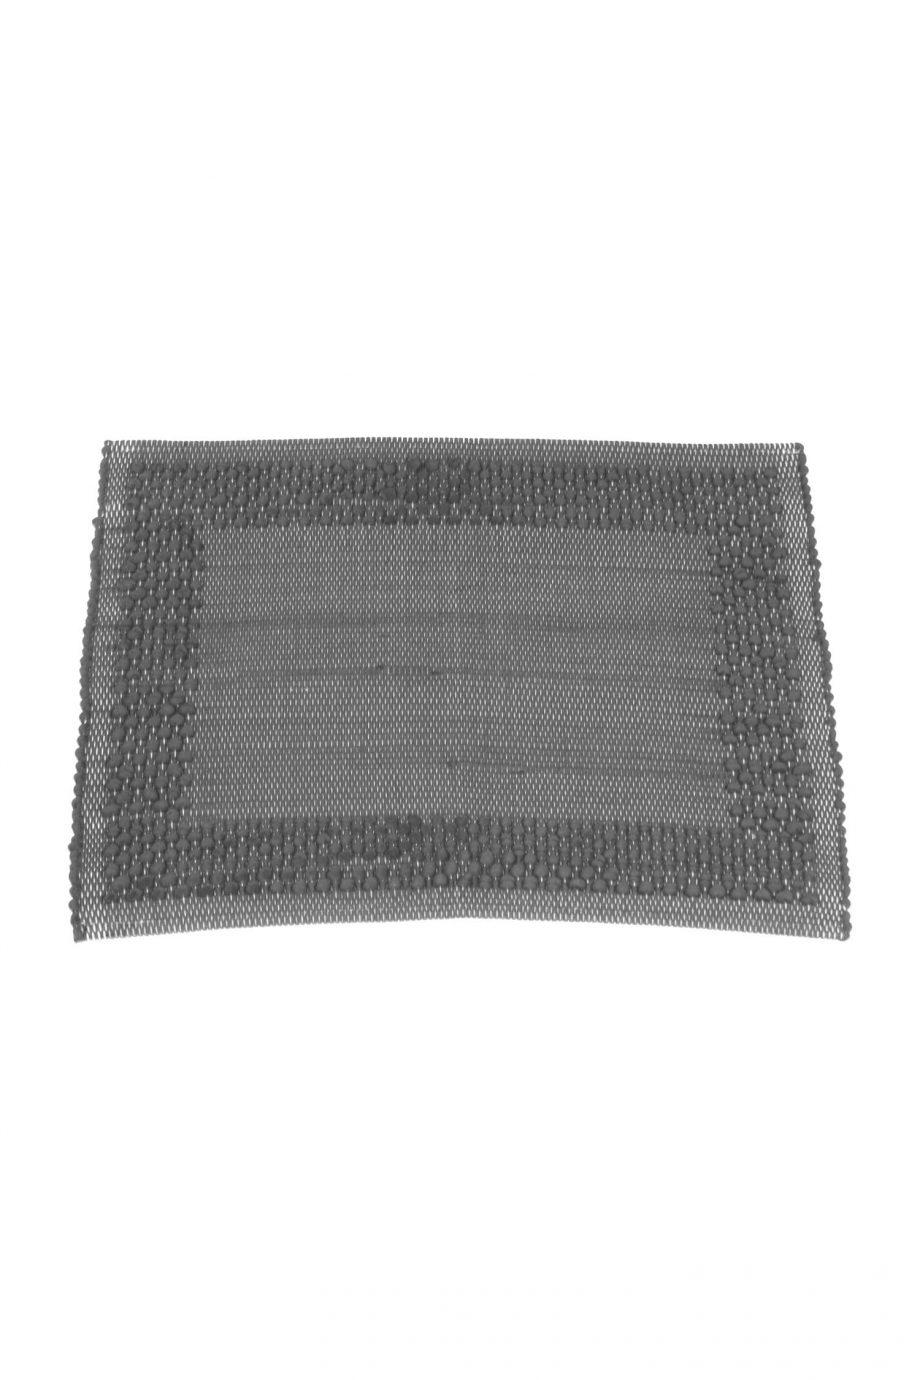 frame grijs geweven katoenen placemat small